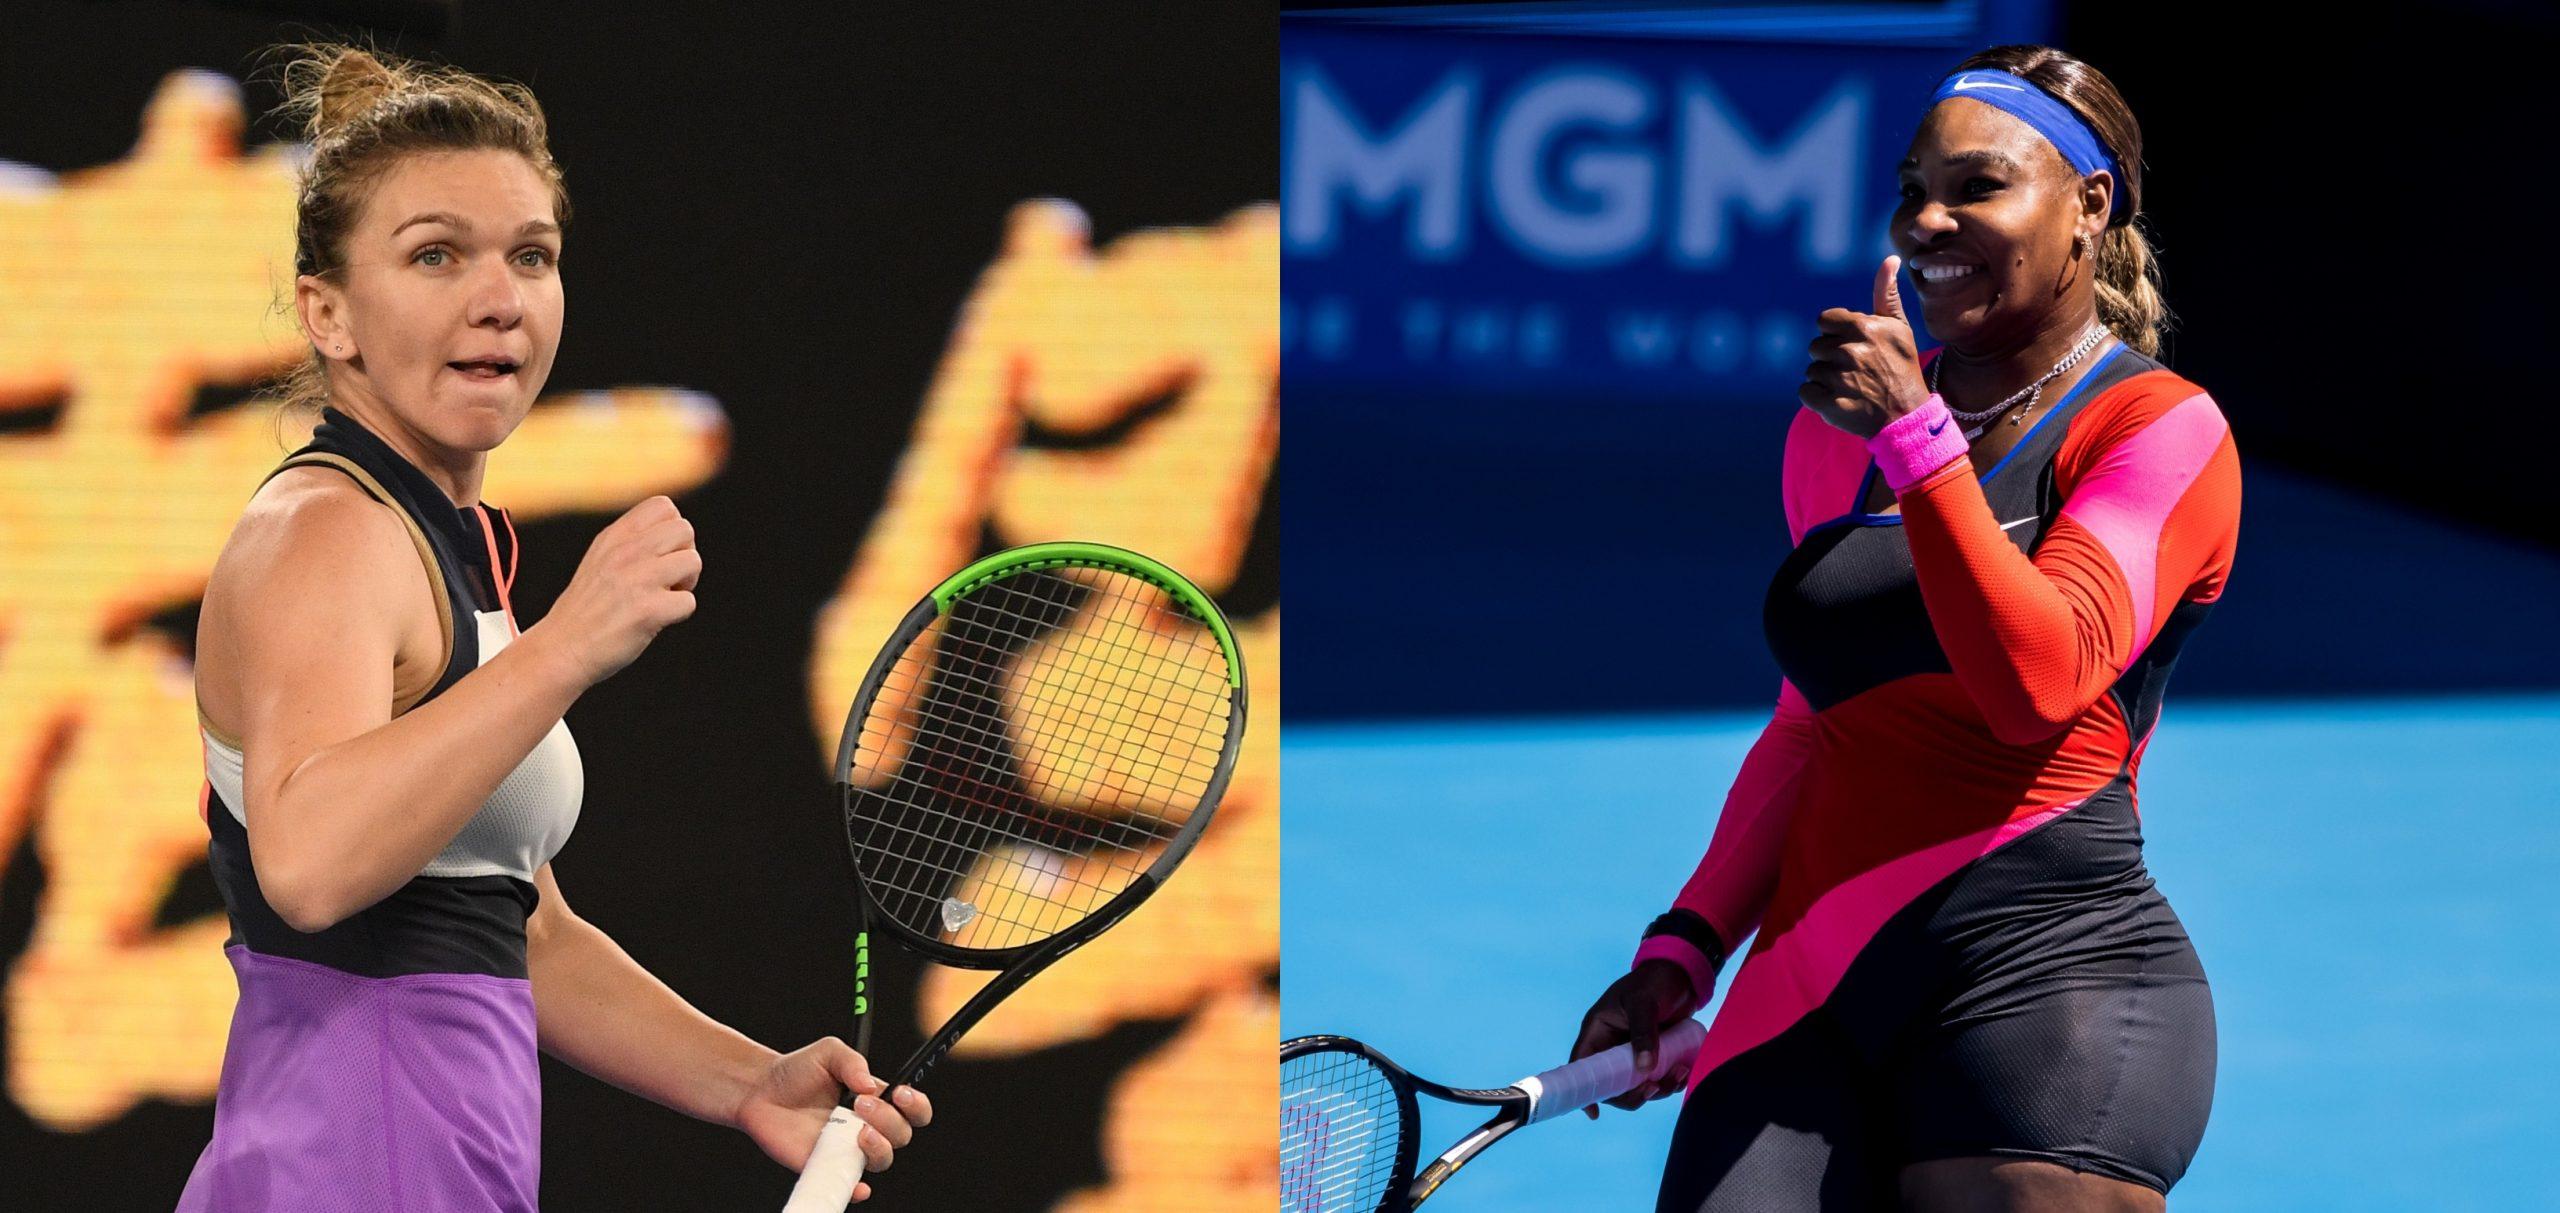 Australian Open 2021   Simona Halep – Serena Williams 3-6, 3-6. Simona Halep a ratat calificarea în semifinale. Serena, prea puternică pentru româncă